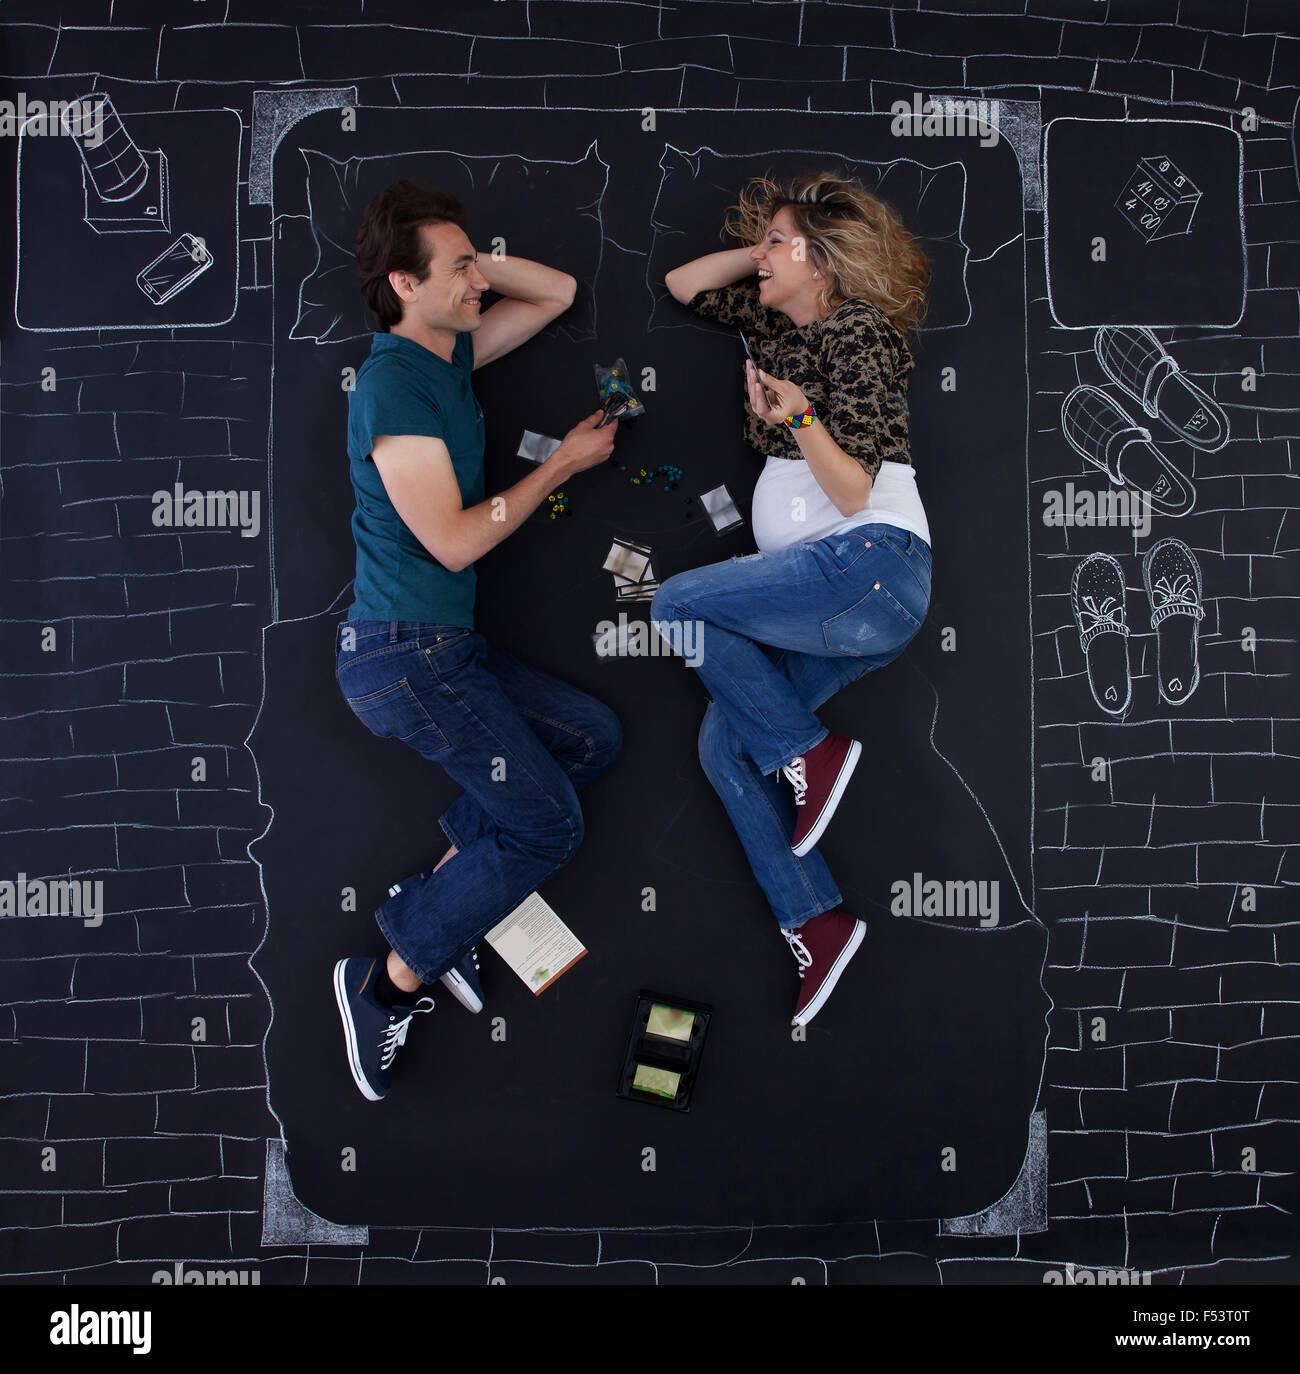 Junges Paar Ein Brettspiel Auf Dem Papier In Einem Bett Mit Kreide